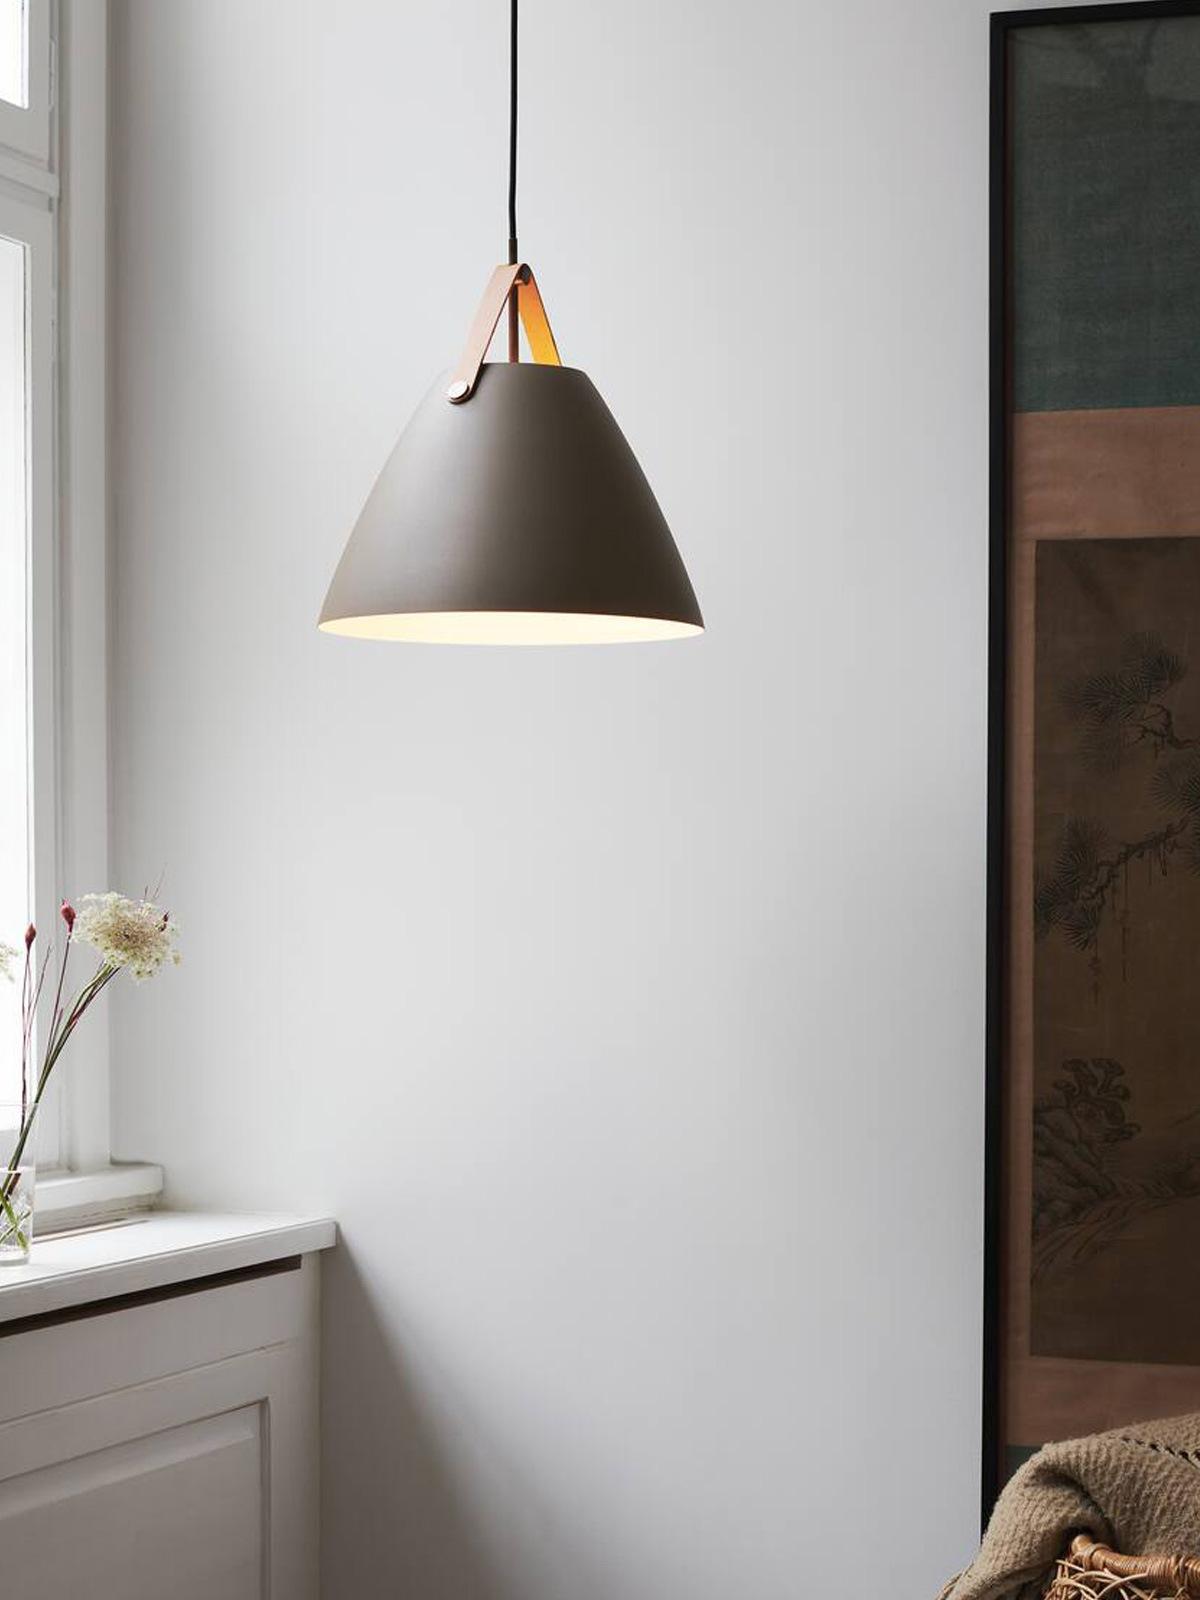 DesignOrt Blog: DFTP Nordlux Hängelampe Designort Onlineshop Lampen